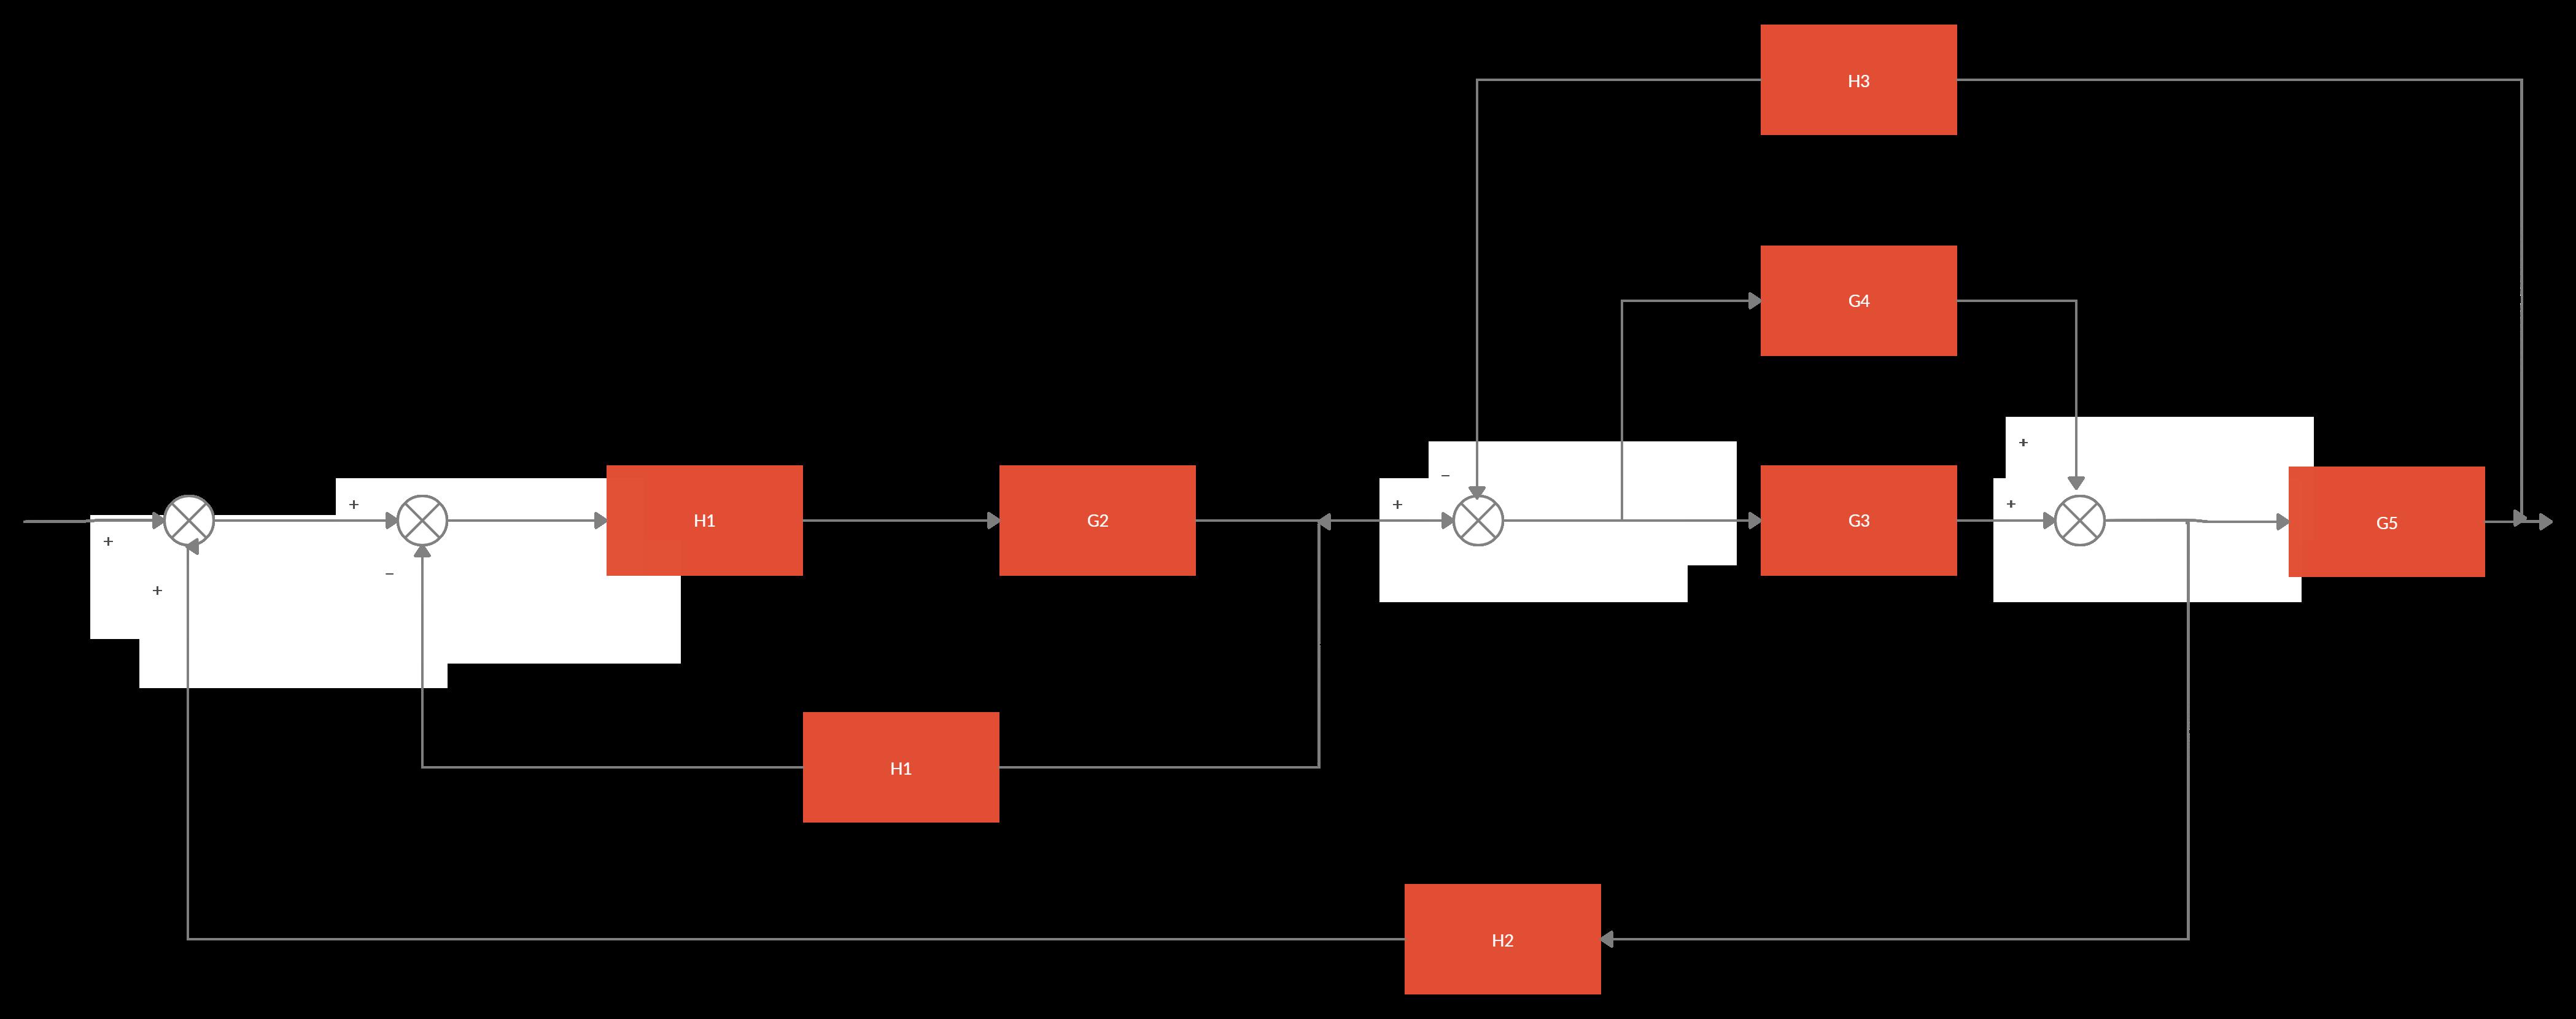 Block Diagrams Consist Of A Single Block Or A Combination